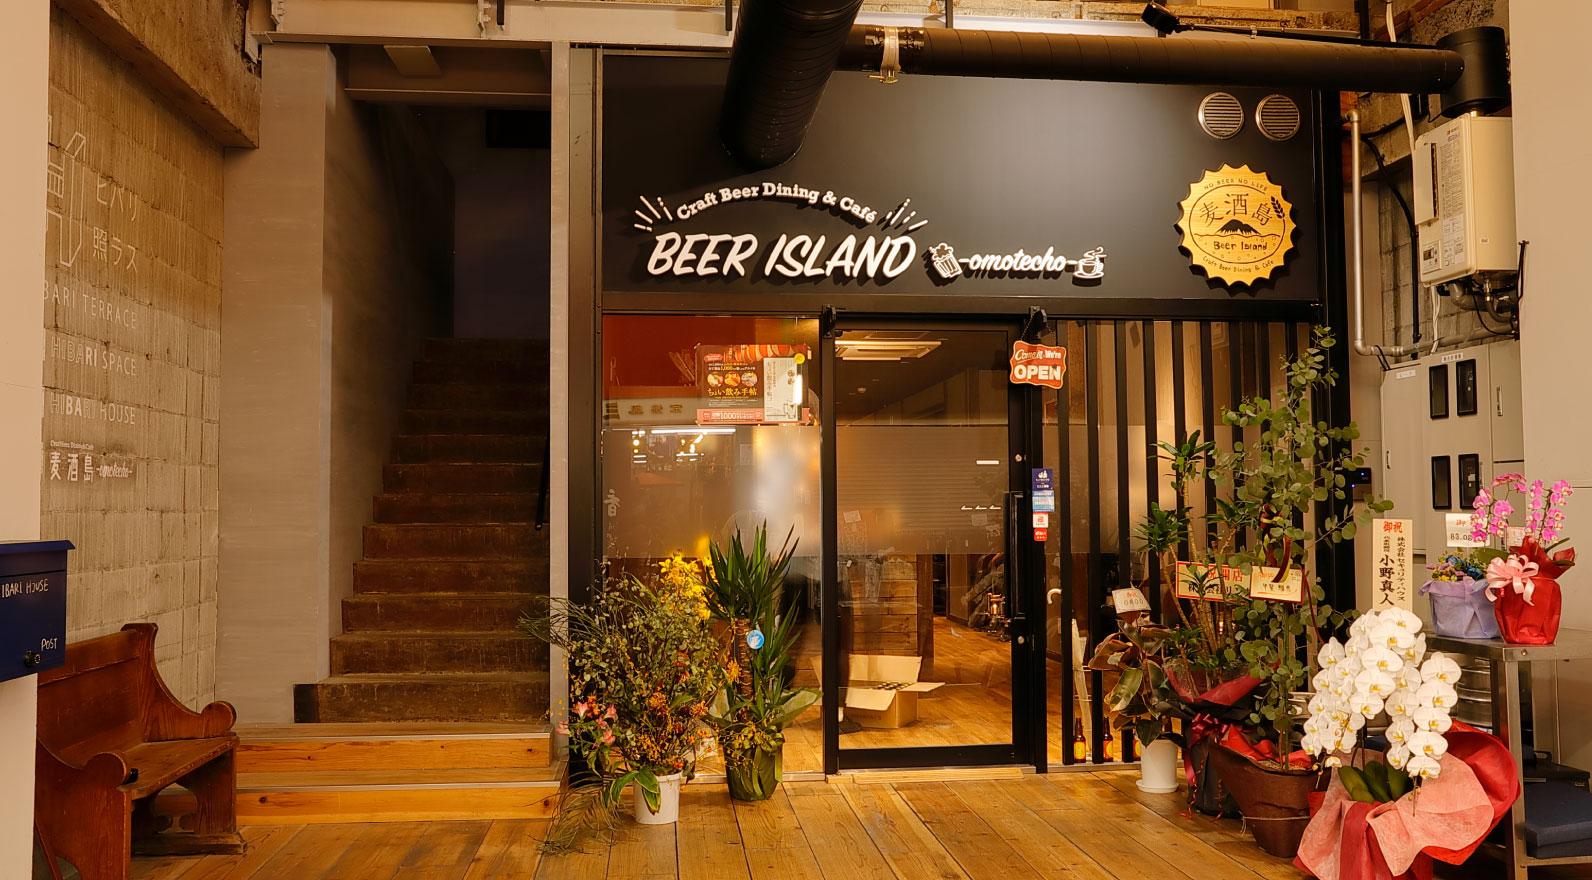 麦酒島 - ビアアイランド - について